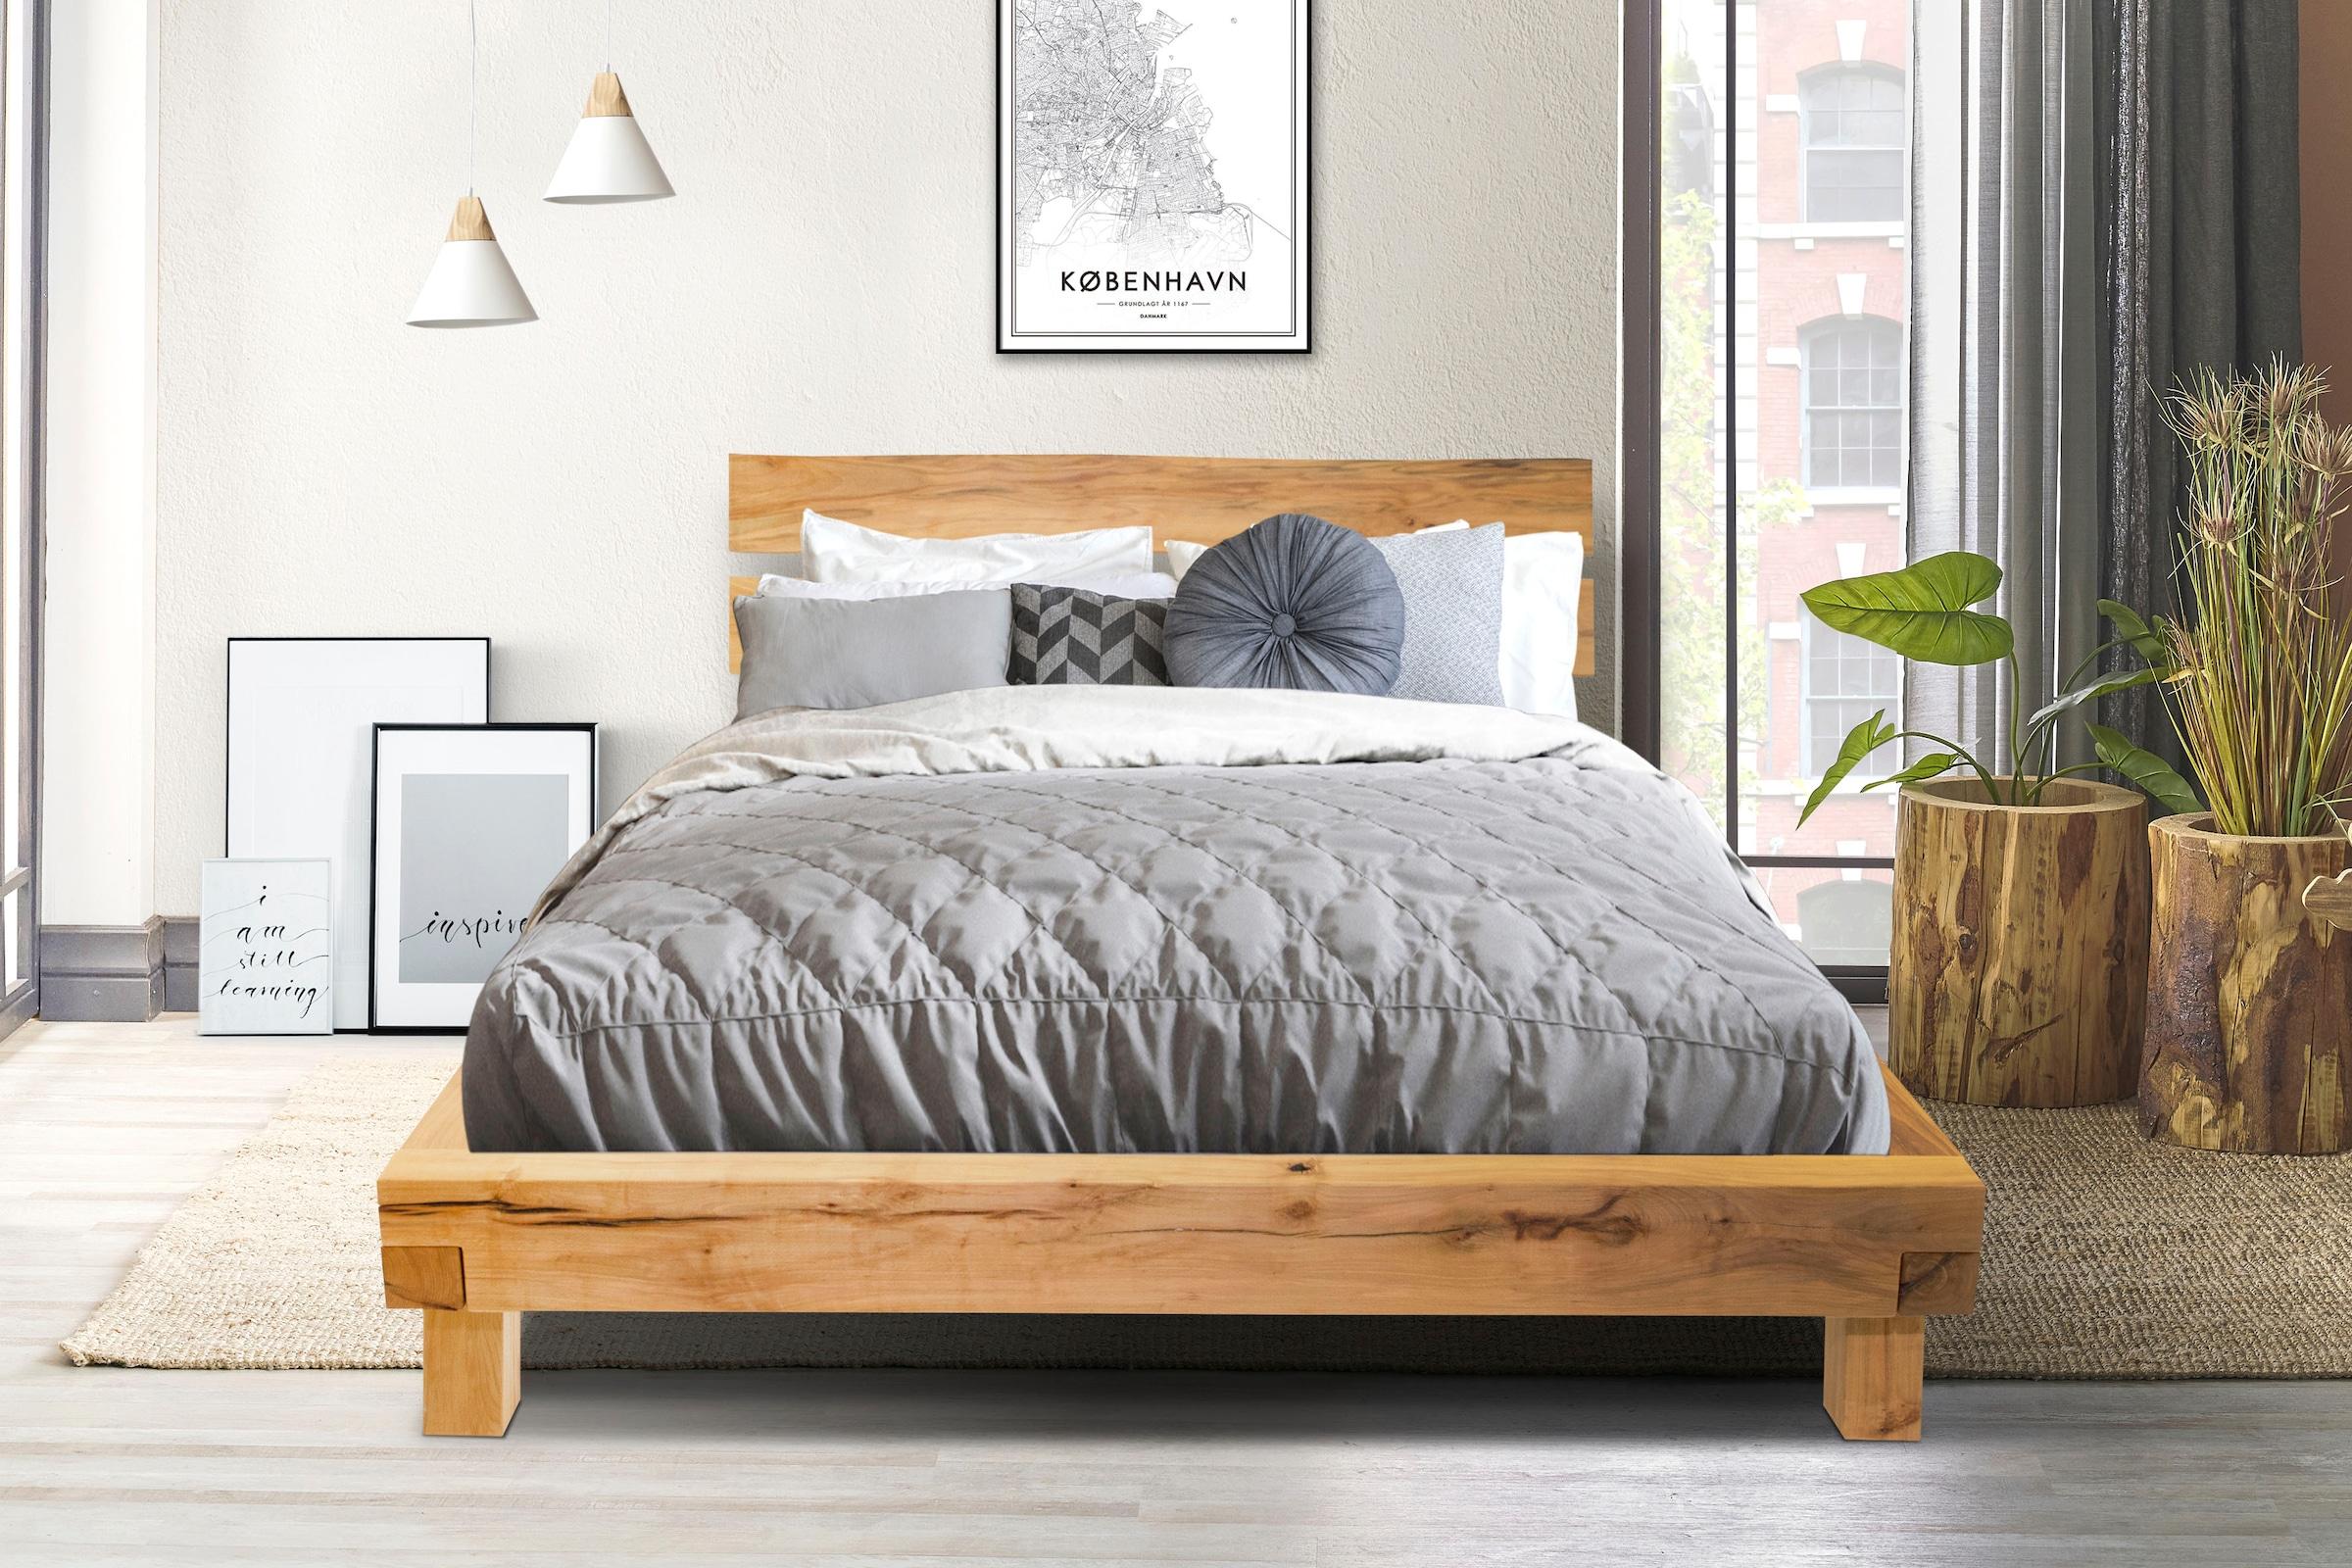 Image of Home affaire Massivholzbett »Julijan«, aus massivem Buchenholz, mit einem leicht abgewinkelten Kopfteil, Breite 204 cm